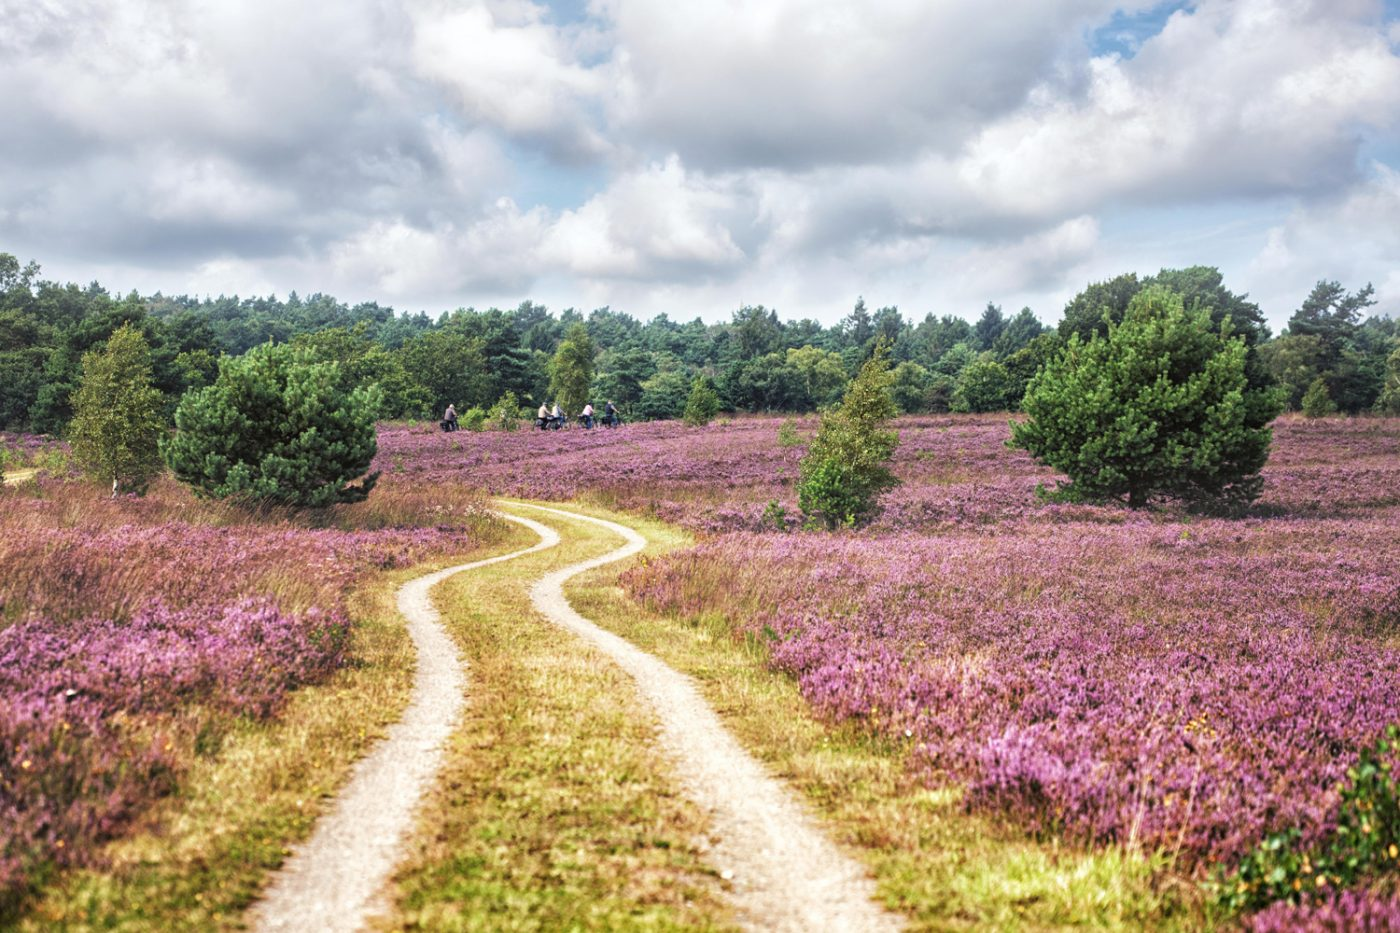 Ein verschlungender Weg durch die Wiesenlandschaft der Lüneburger Heide zur Blütezeit.